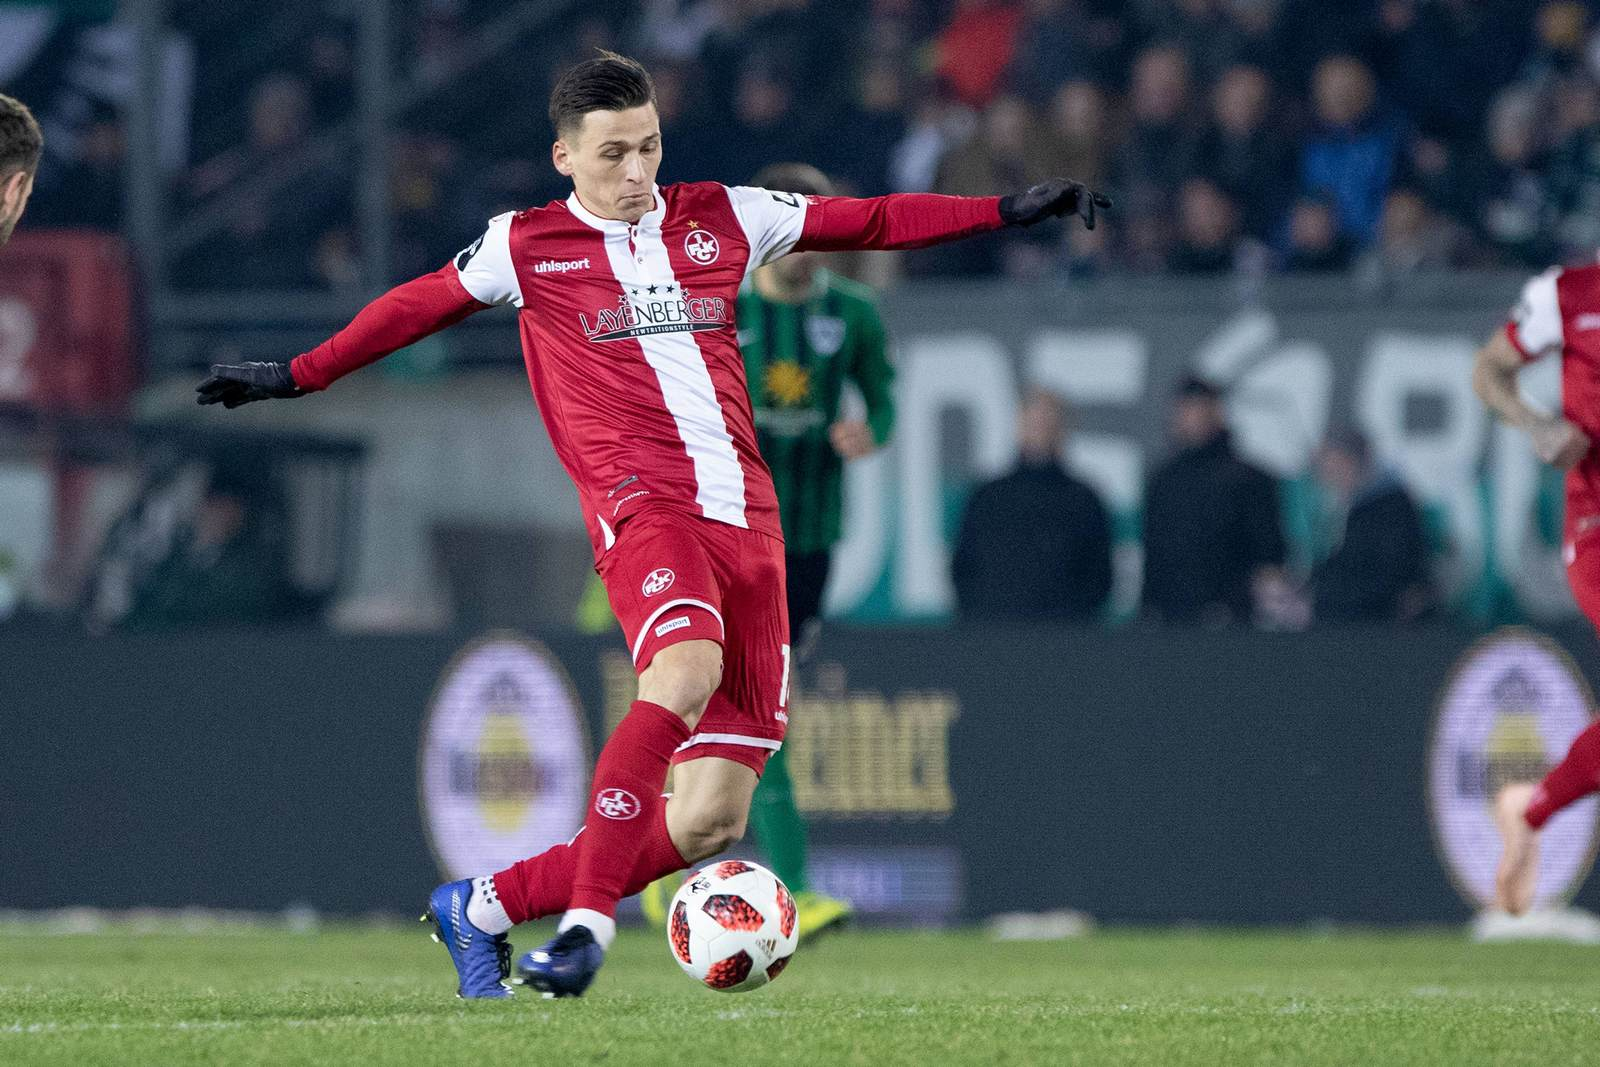 Theodor Bergmann lief in der Vorsaison sieben Mal in Liga drei auf.